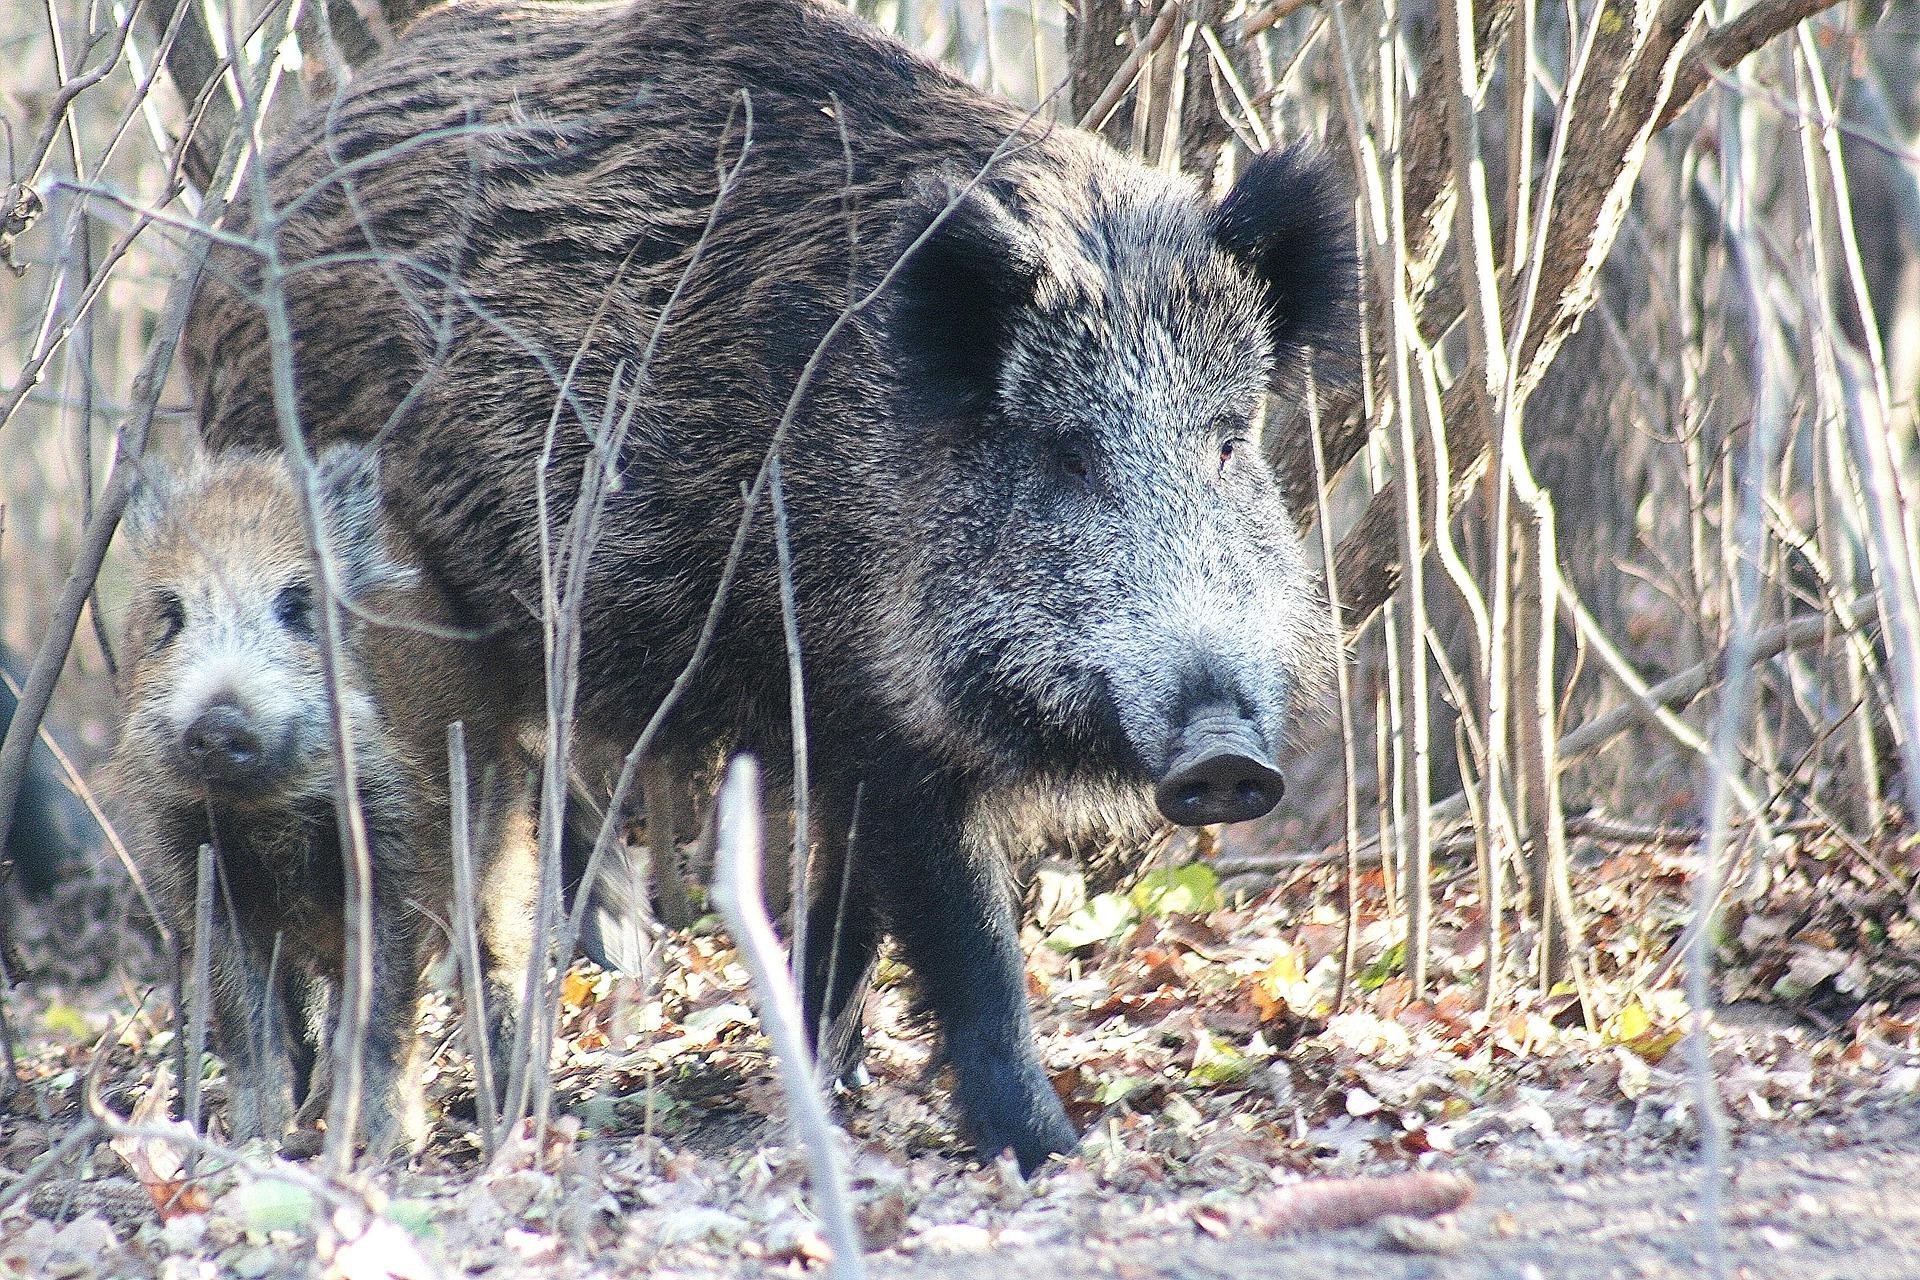 Alertă în Vaslui! Pestă porcină africană, descoperită la mistreții din două fonduri de vânătoare - Cancan.ro